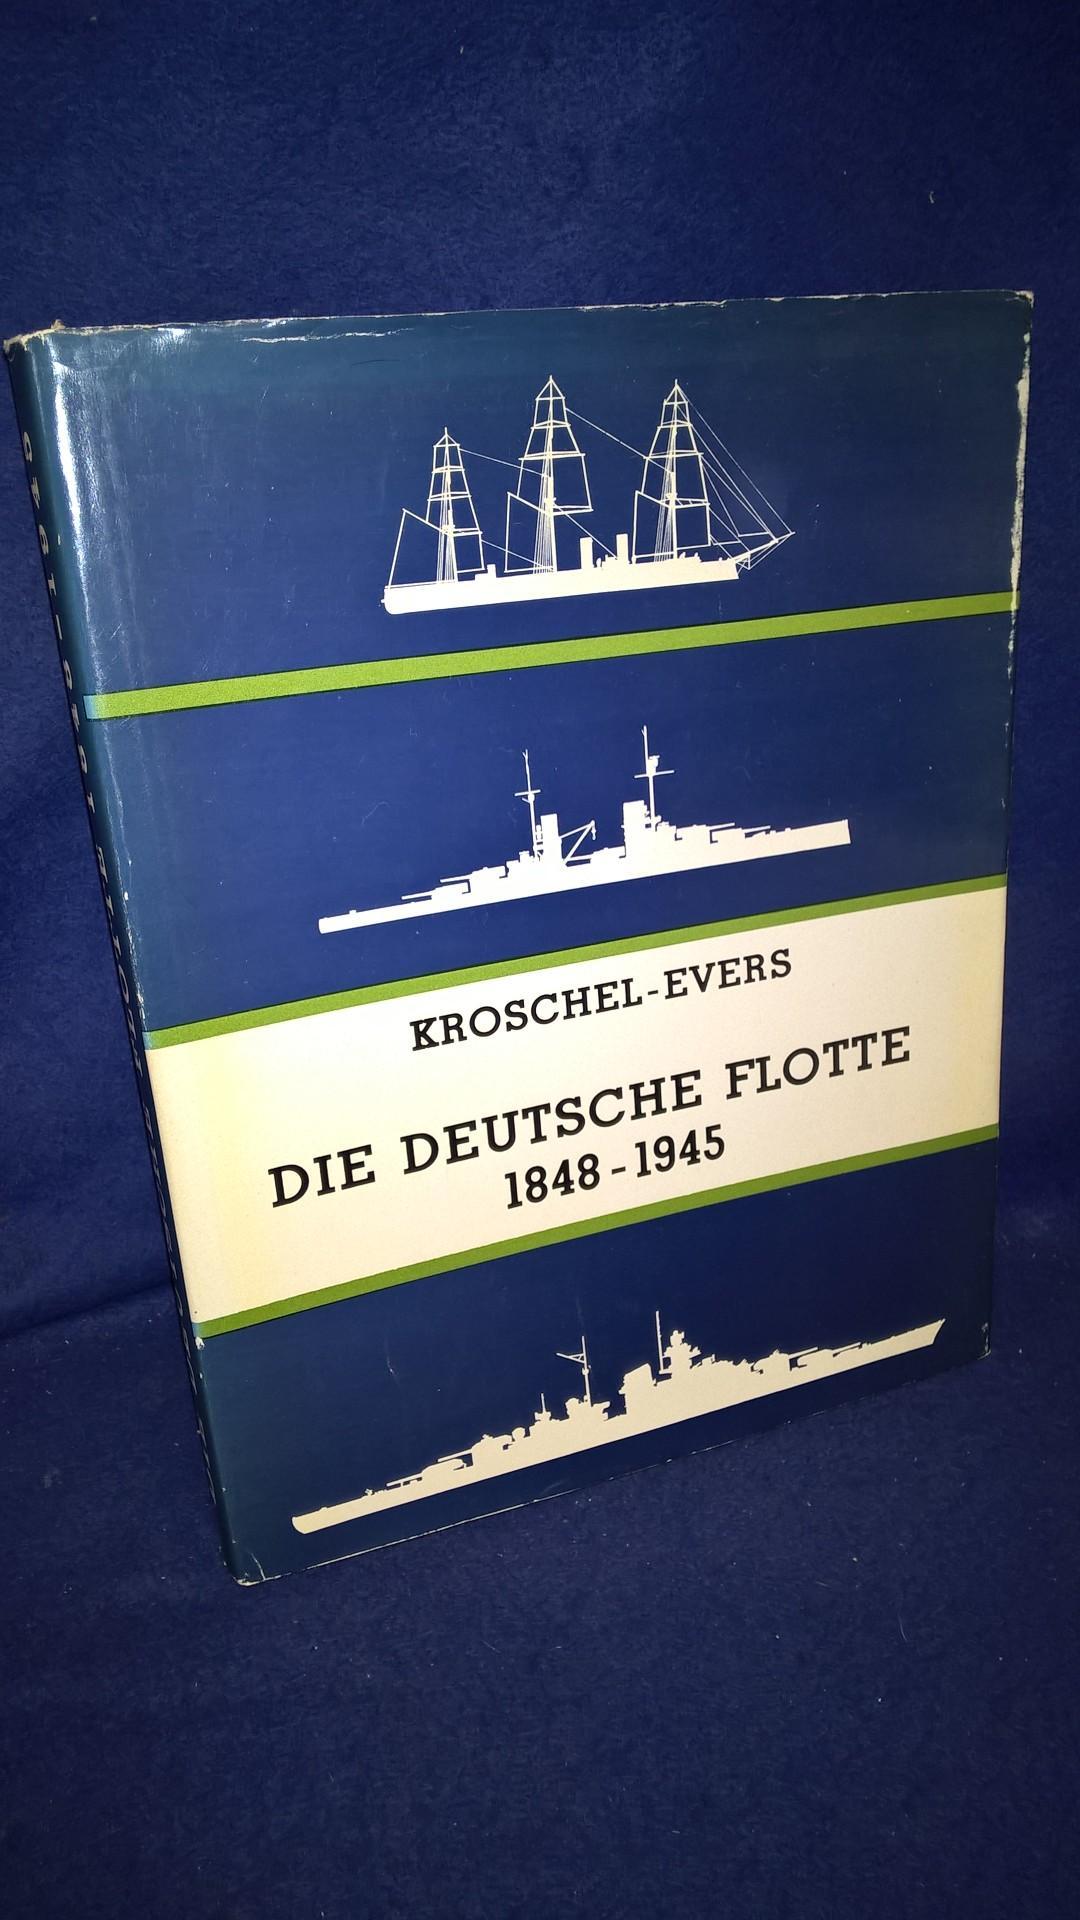 Die Deutsche Flotte 1848-1945